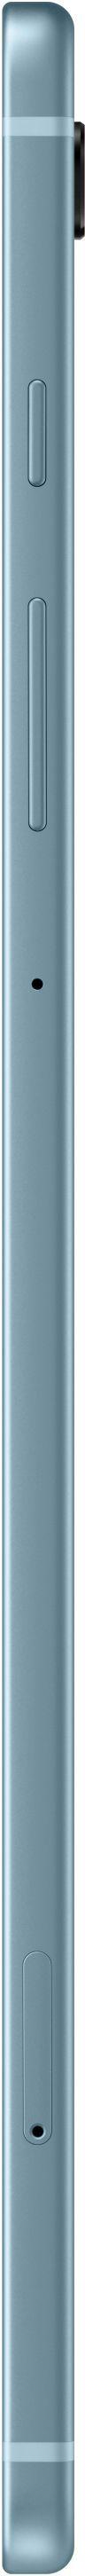 Планшет Samsung Galaxy Tab S6 Lite Wi-Fi 64GB (SM-P610NZBASEK) Blue от Територія твоєї техніки - 2